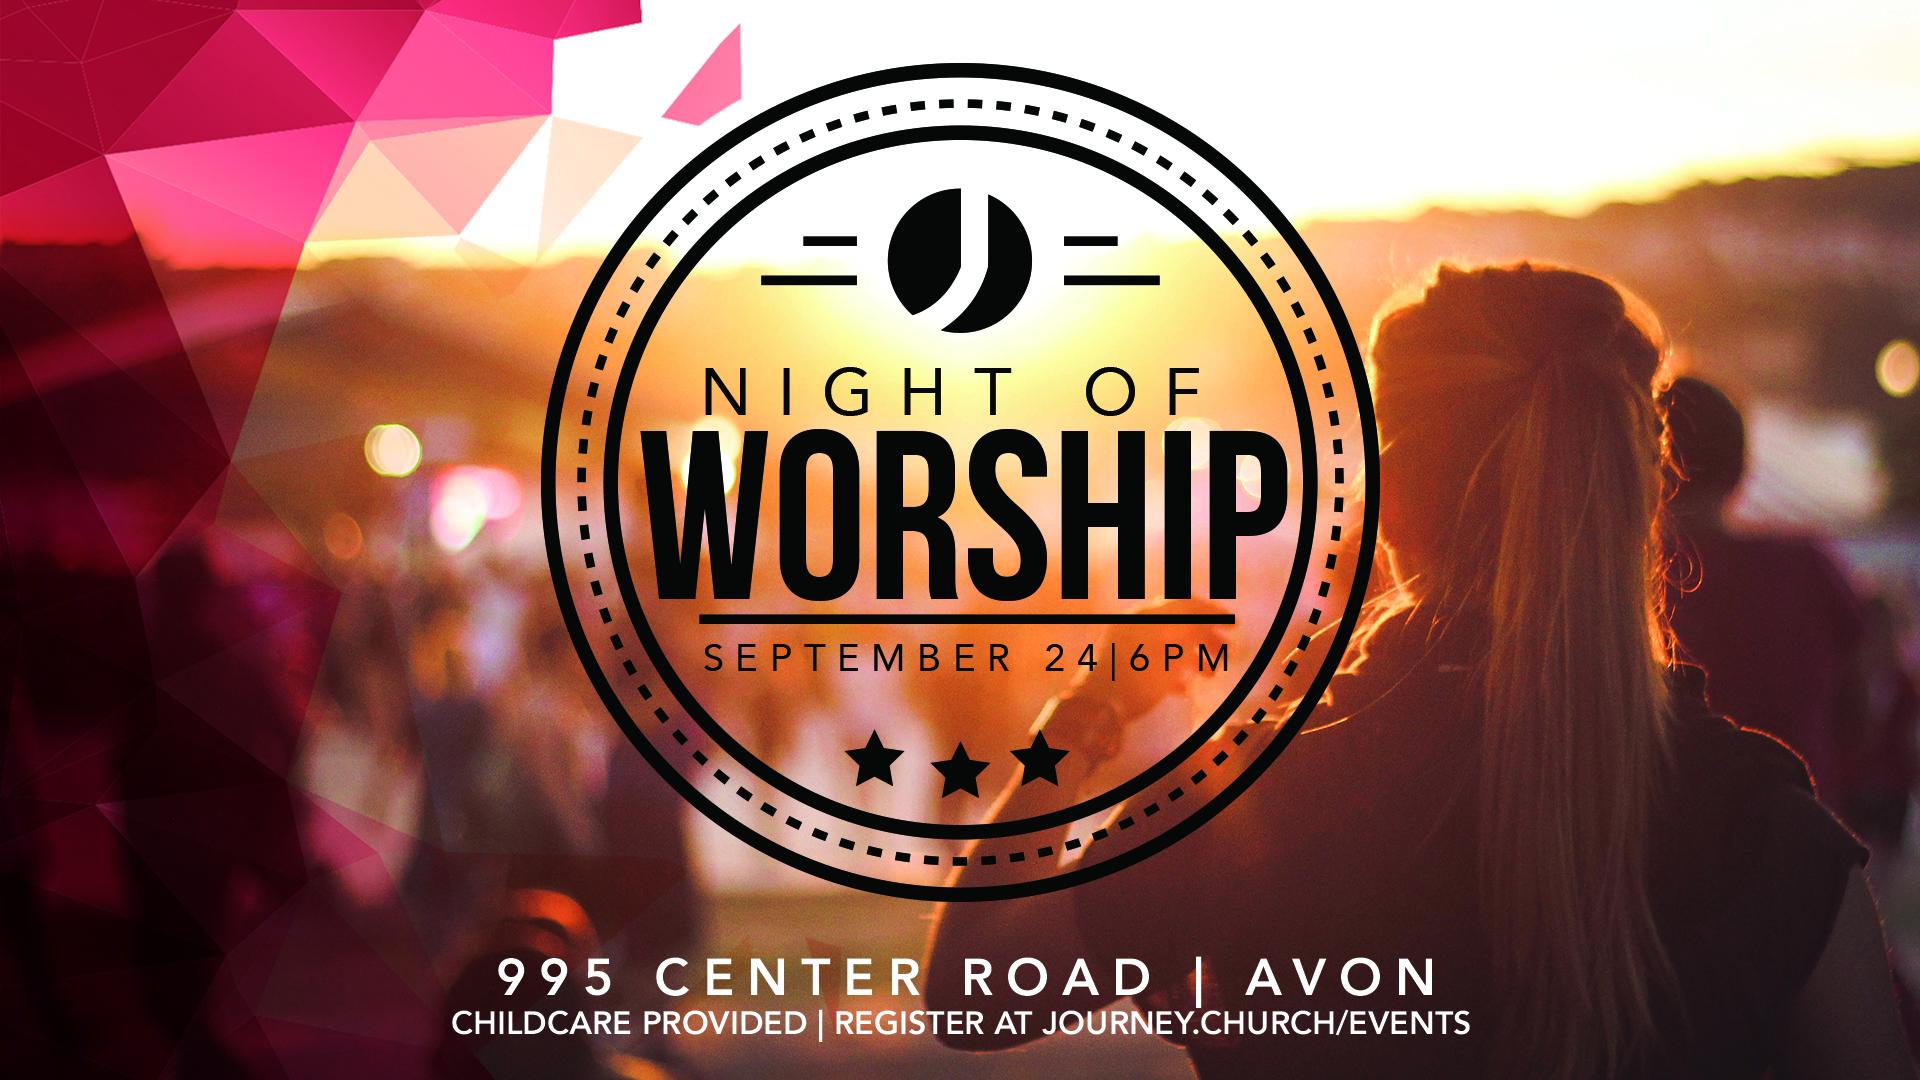 Worship night 1920x1080